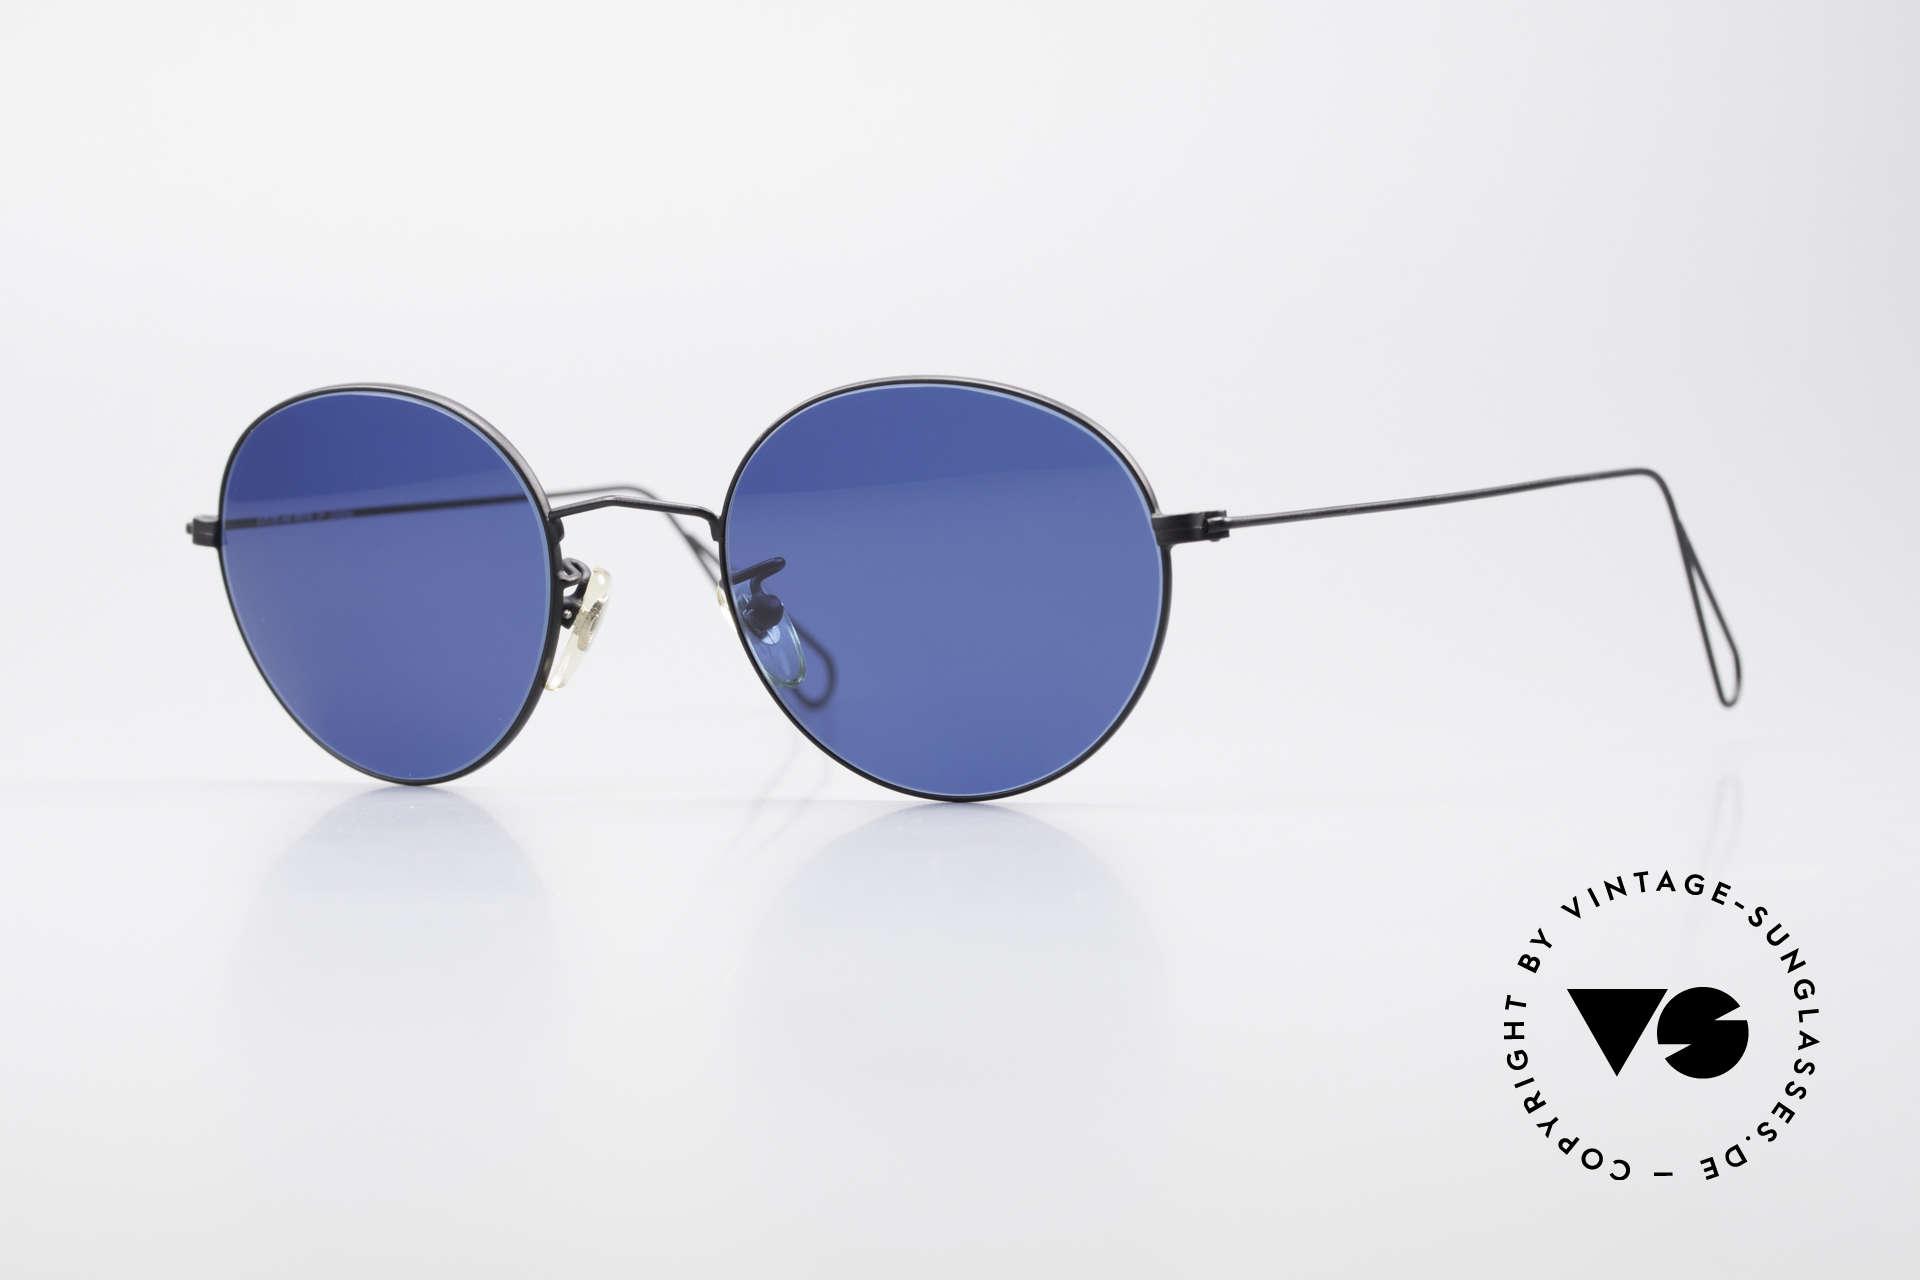 Cutler And Gross 0306 Runde 90er Vintage Brille, Cutler & Gross London Designerbrille der späten 90er, Passend für Herren und Damen